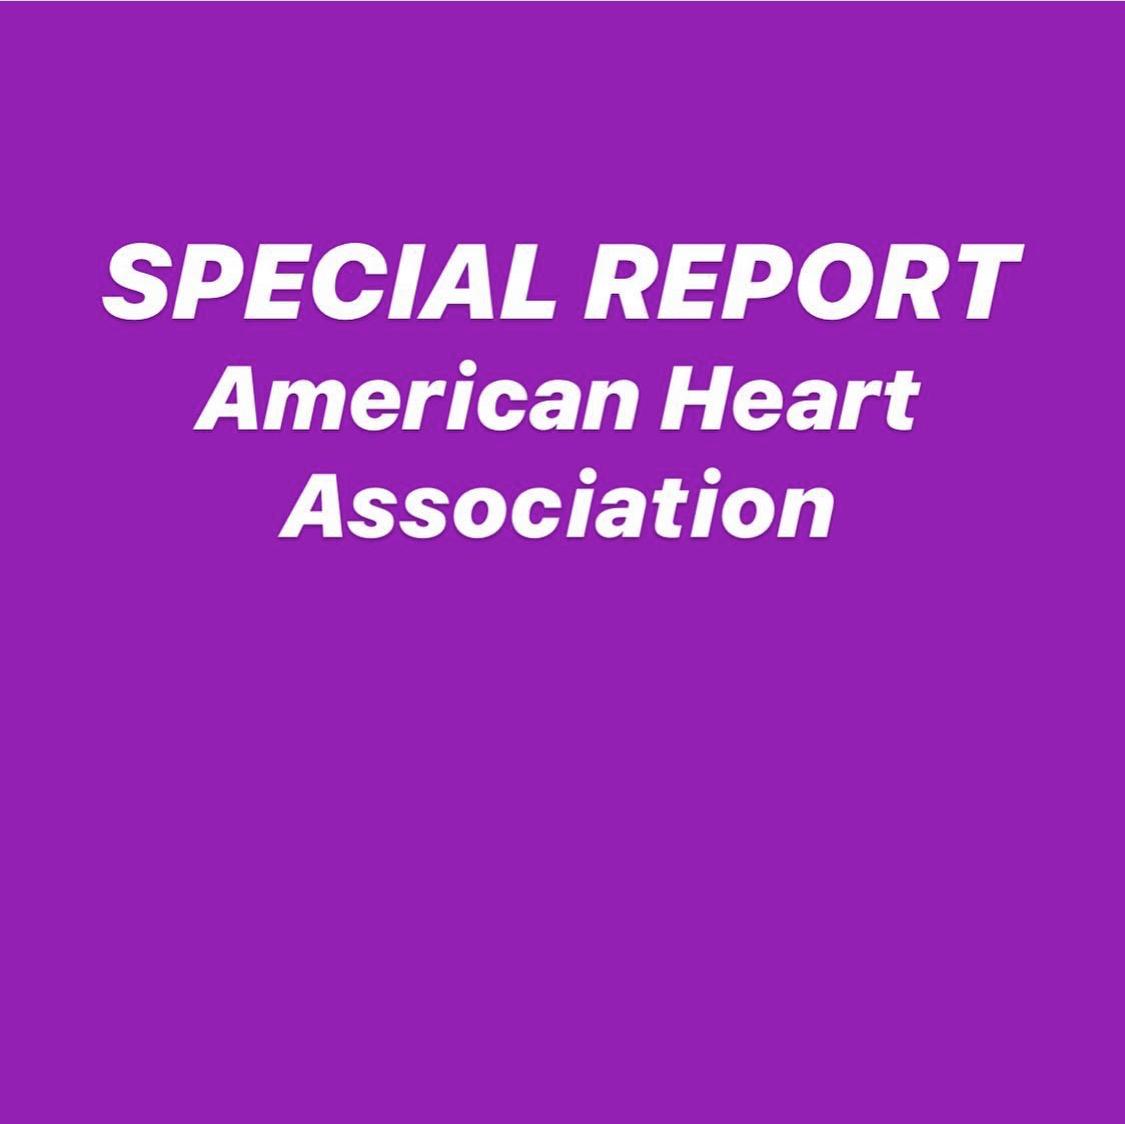 Small Blood Vessels - Big Health Problems? (Kleine Blutgefäße - große Gesundheitsprobleme?) Die Erkrankungen der kleinen Gefäße sind der Ausgangspunkt von großen Erkrankungen wie Bluthochdruck, Diabetes, Schlaganfall, Herzinfarkt, Demenz und weiterer Erkrankungen des Gehirns. https://www.ahajournals.org/doi/10.1161/JAHA.116.004389